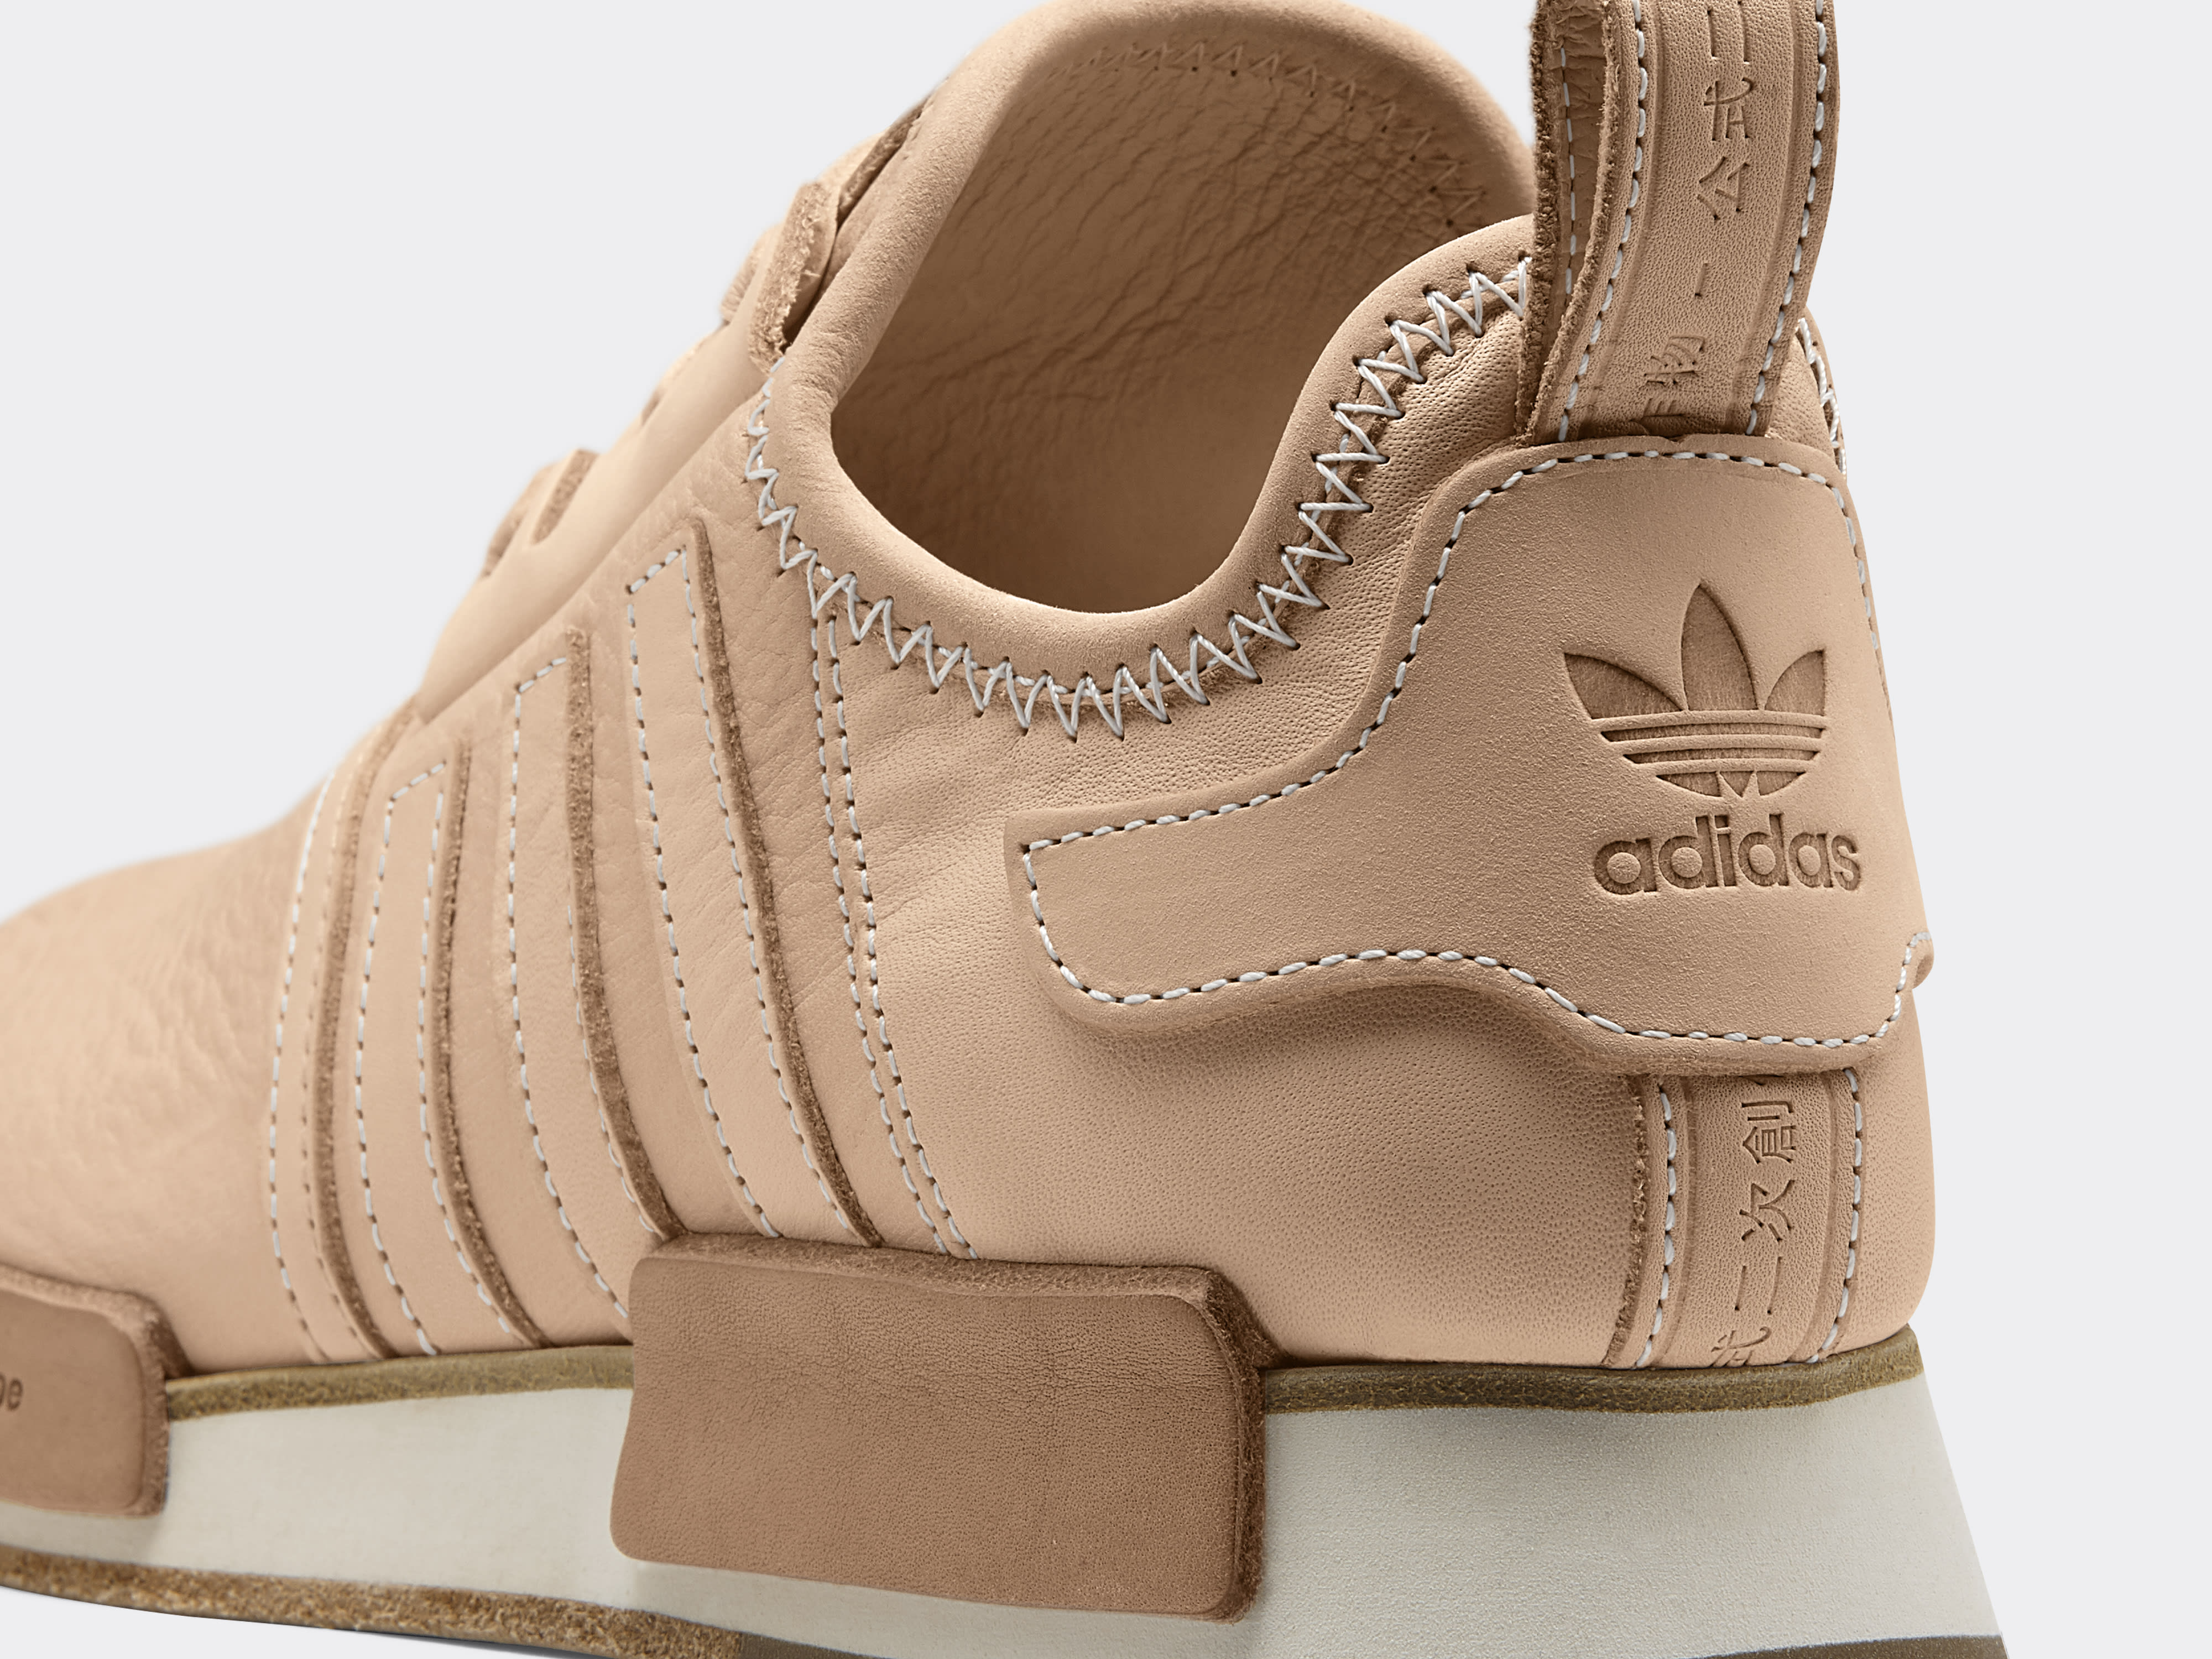 adidas-hender-scheme1